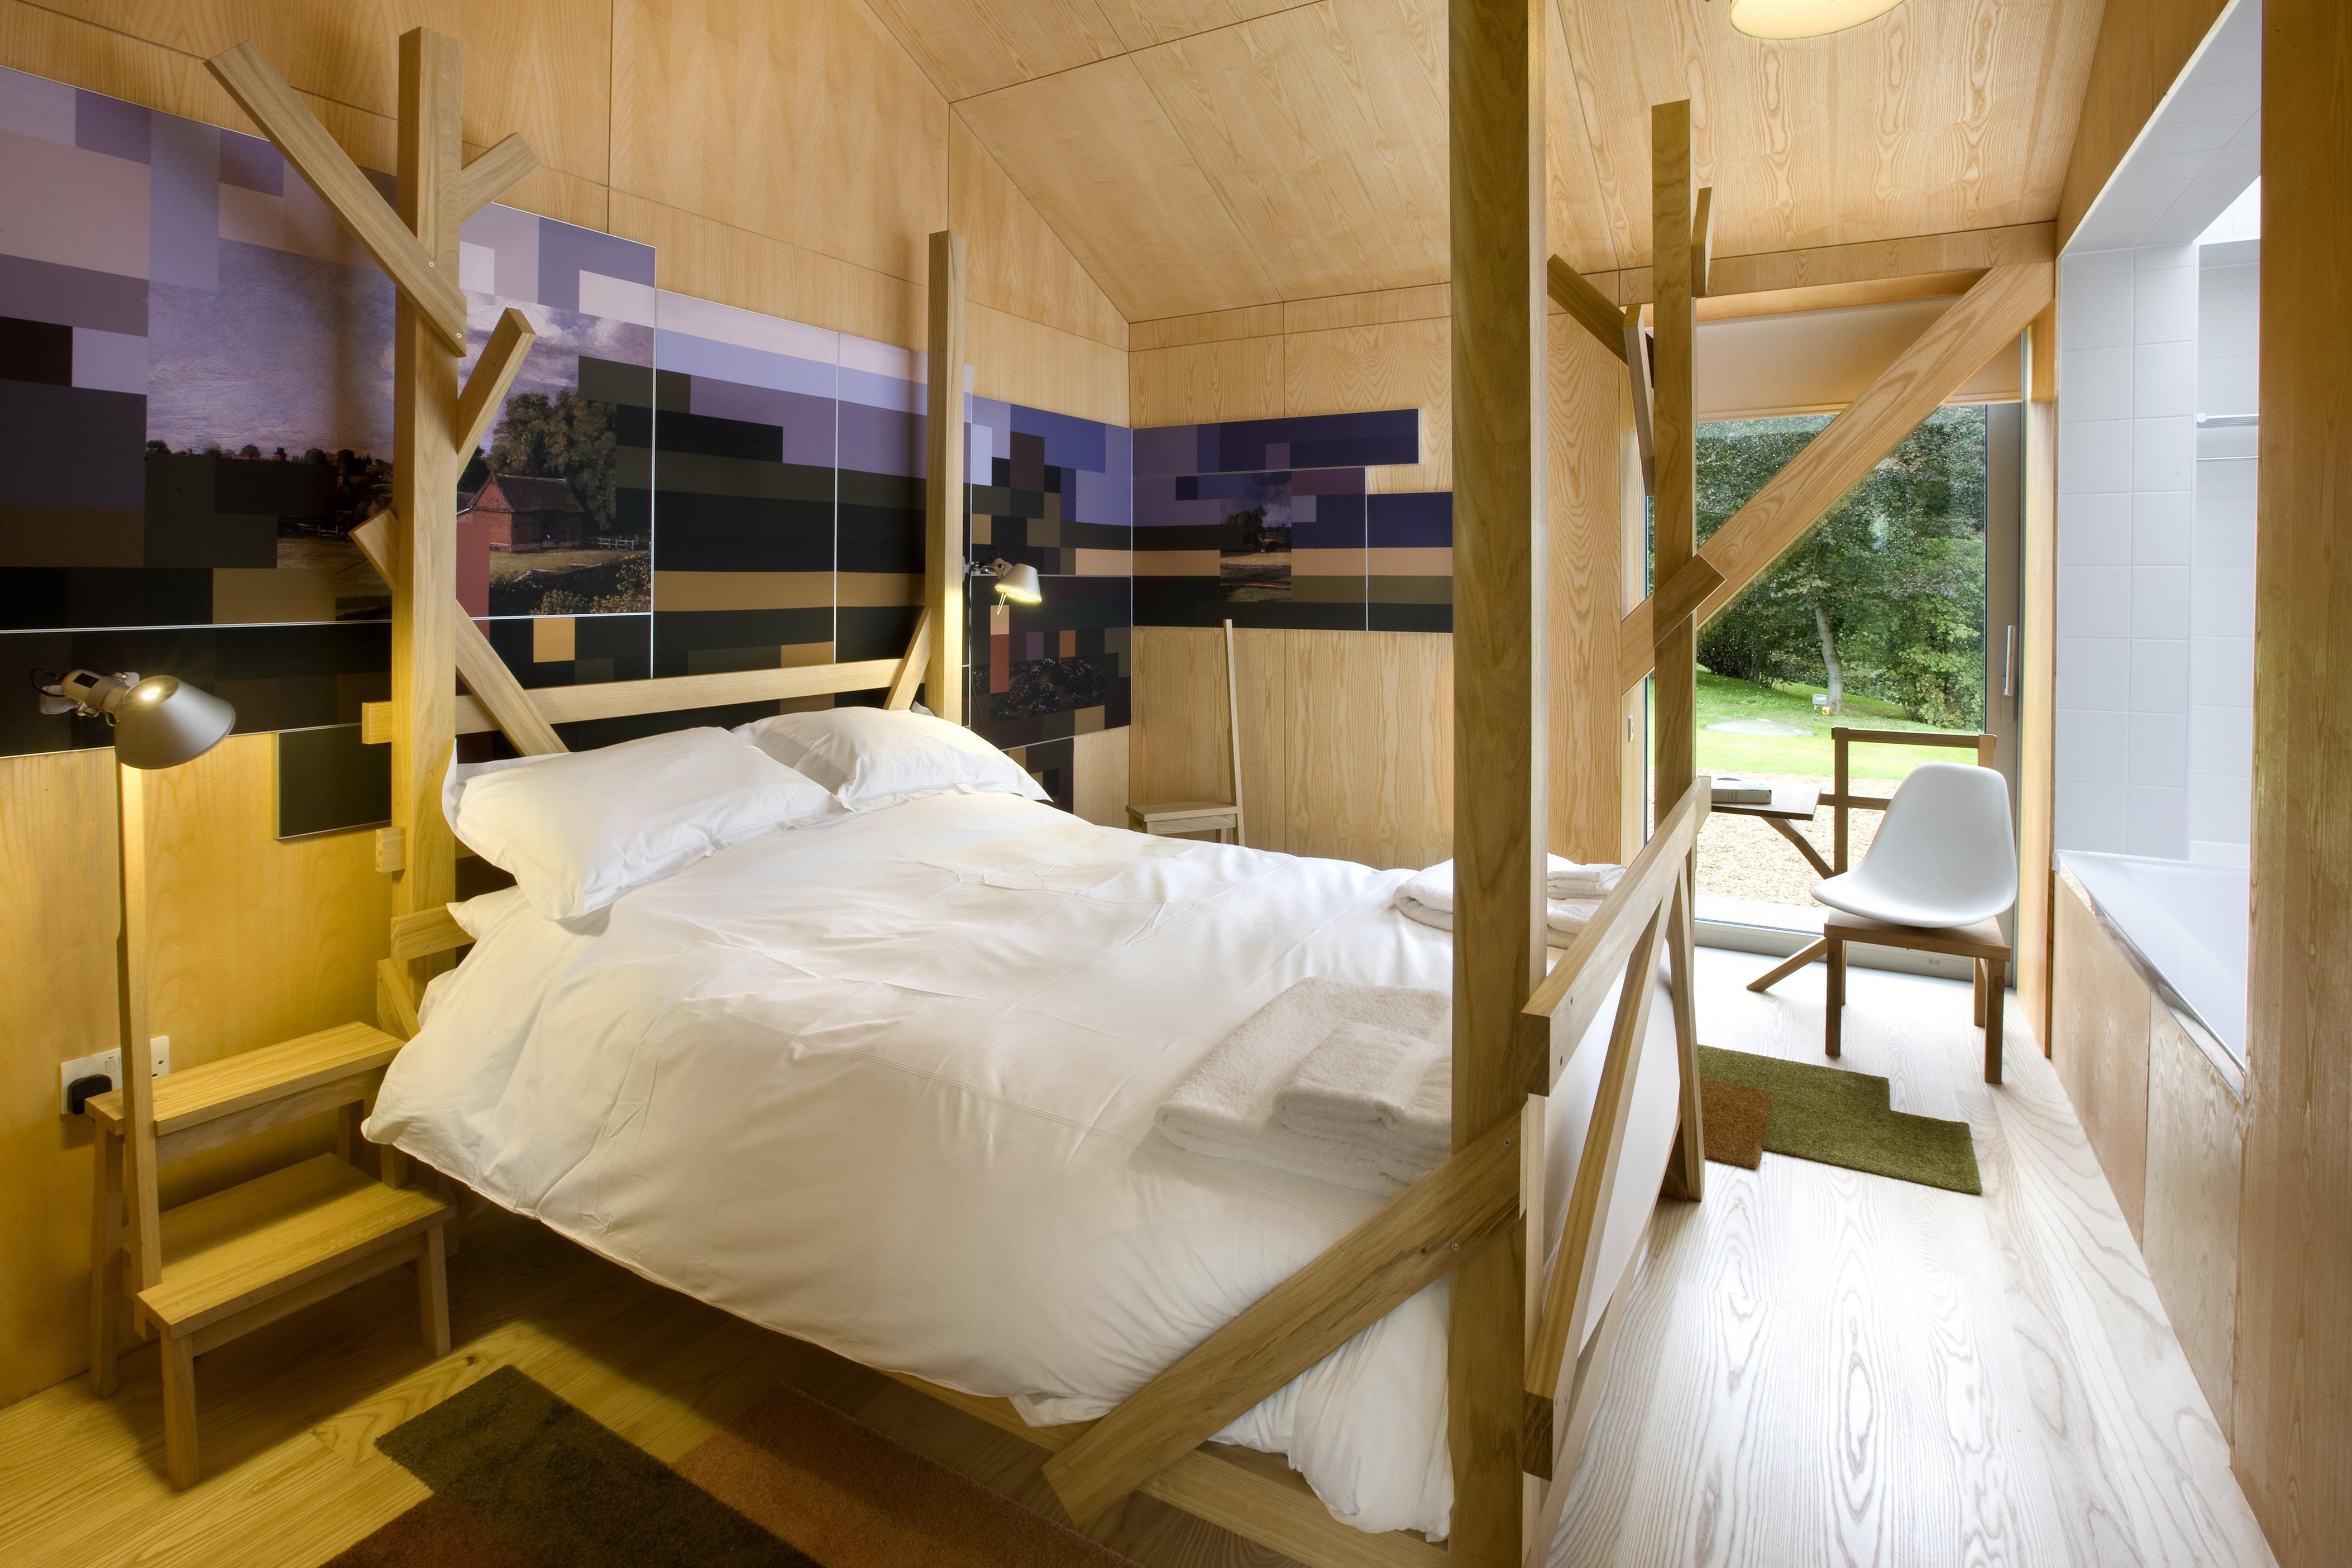 The Balancing Barn bedroom